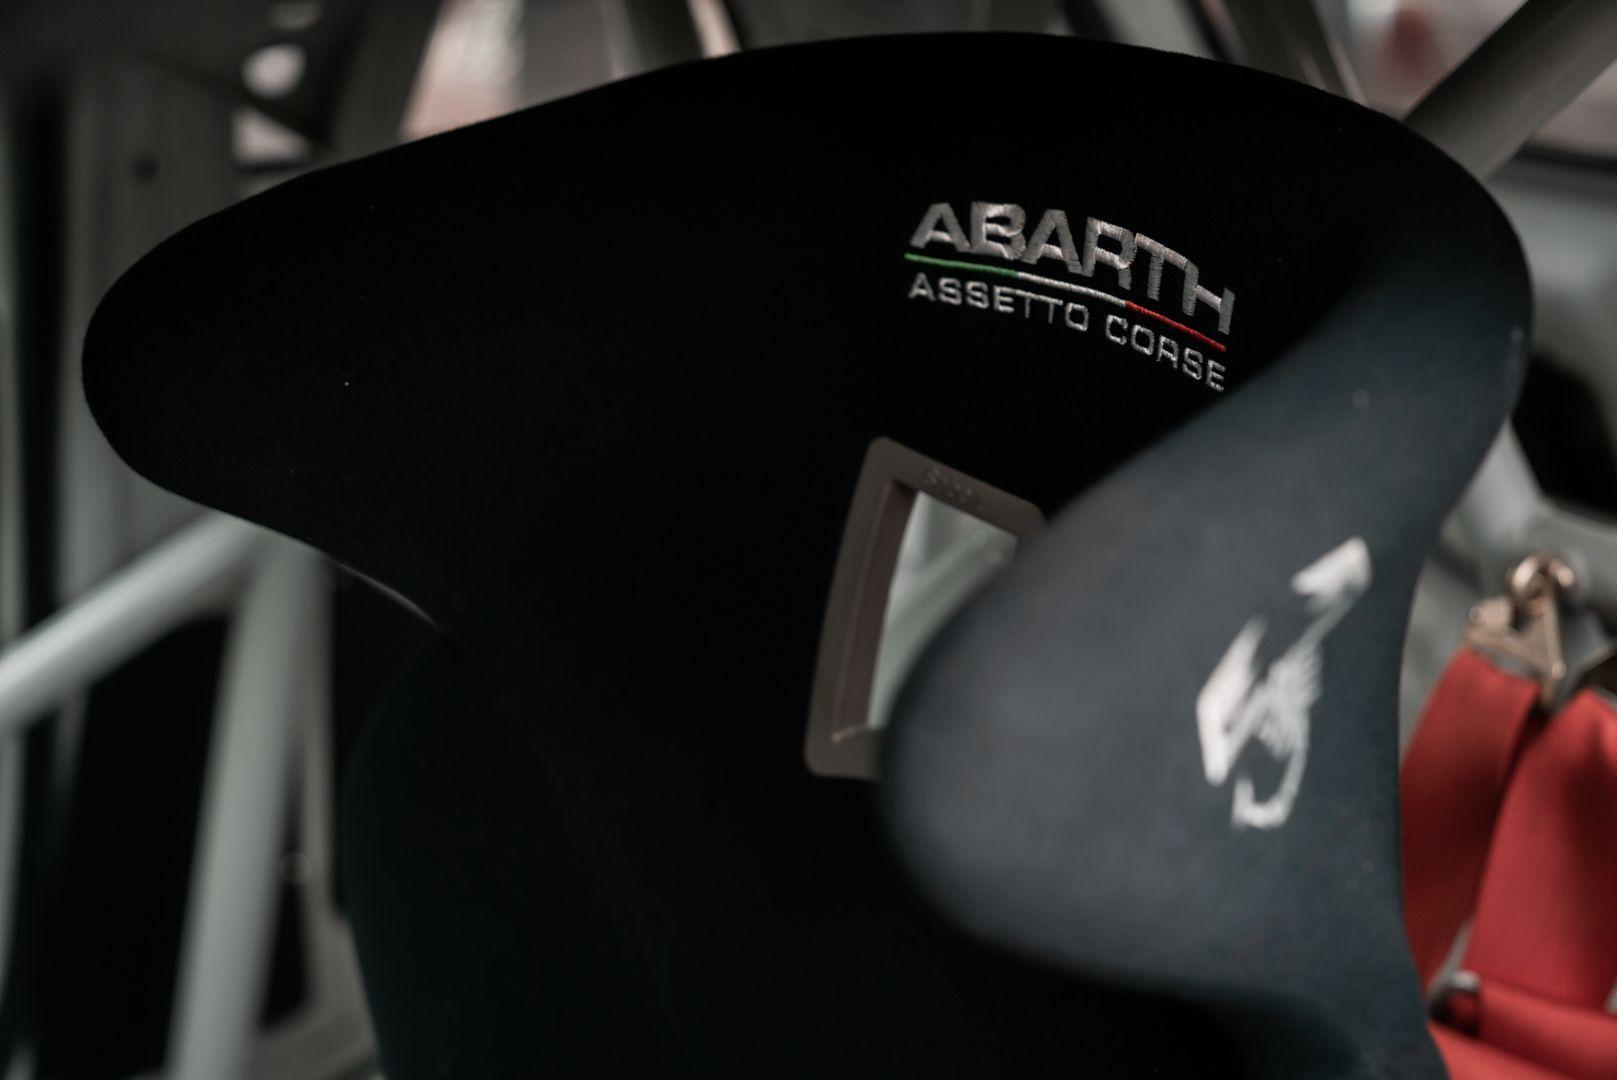 2008 Fiat 500 Abarth Assetto Corse 45/49 77373